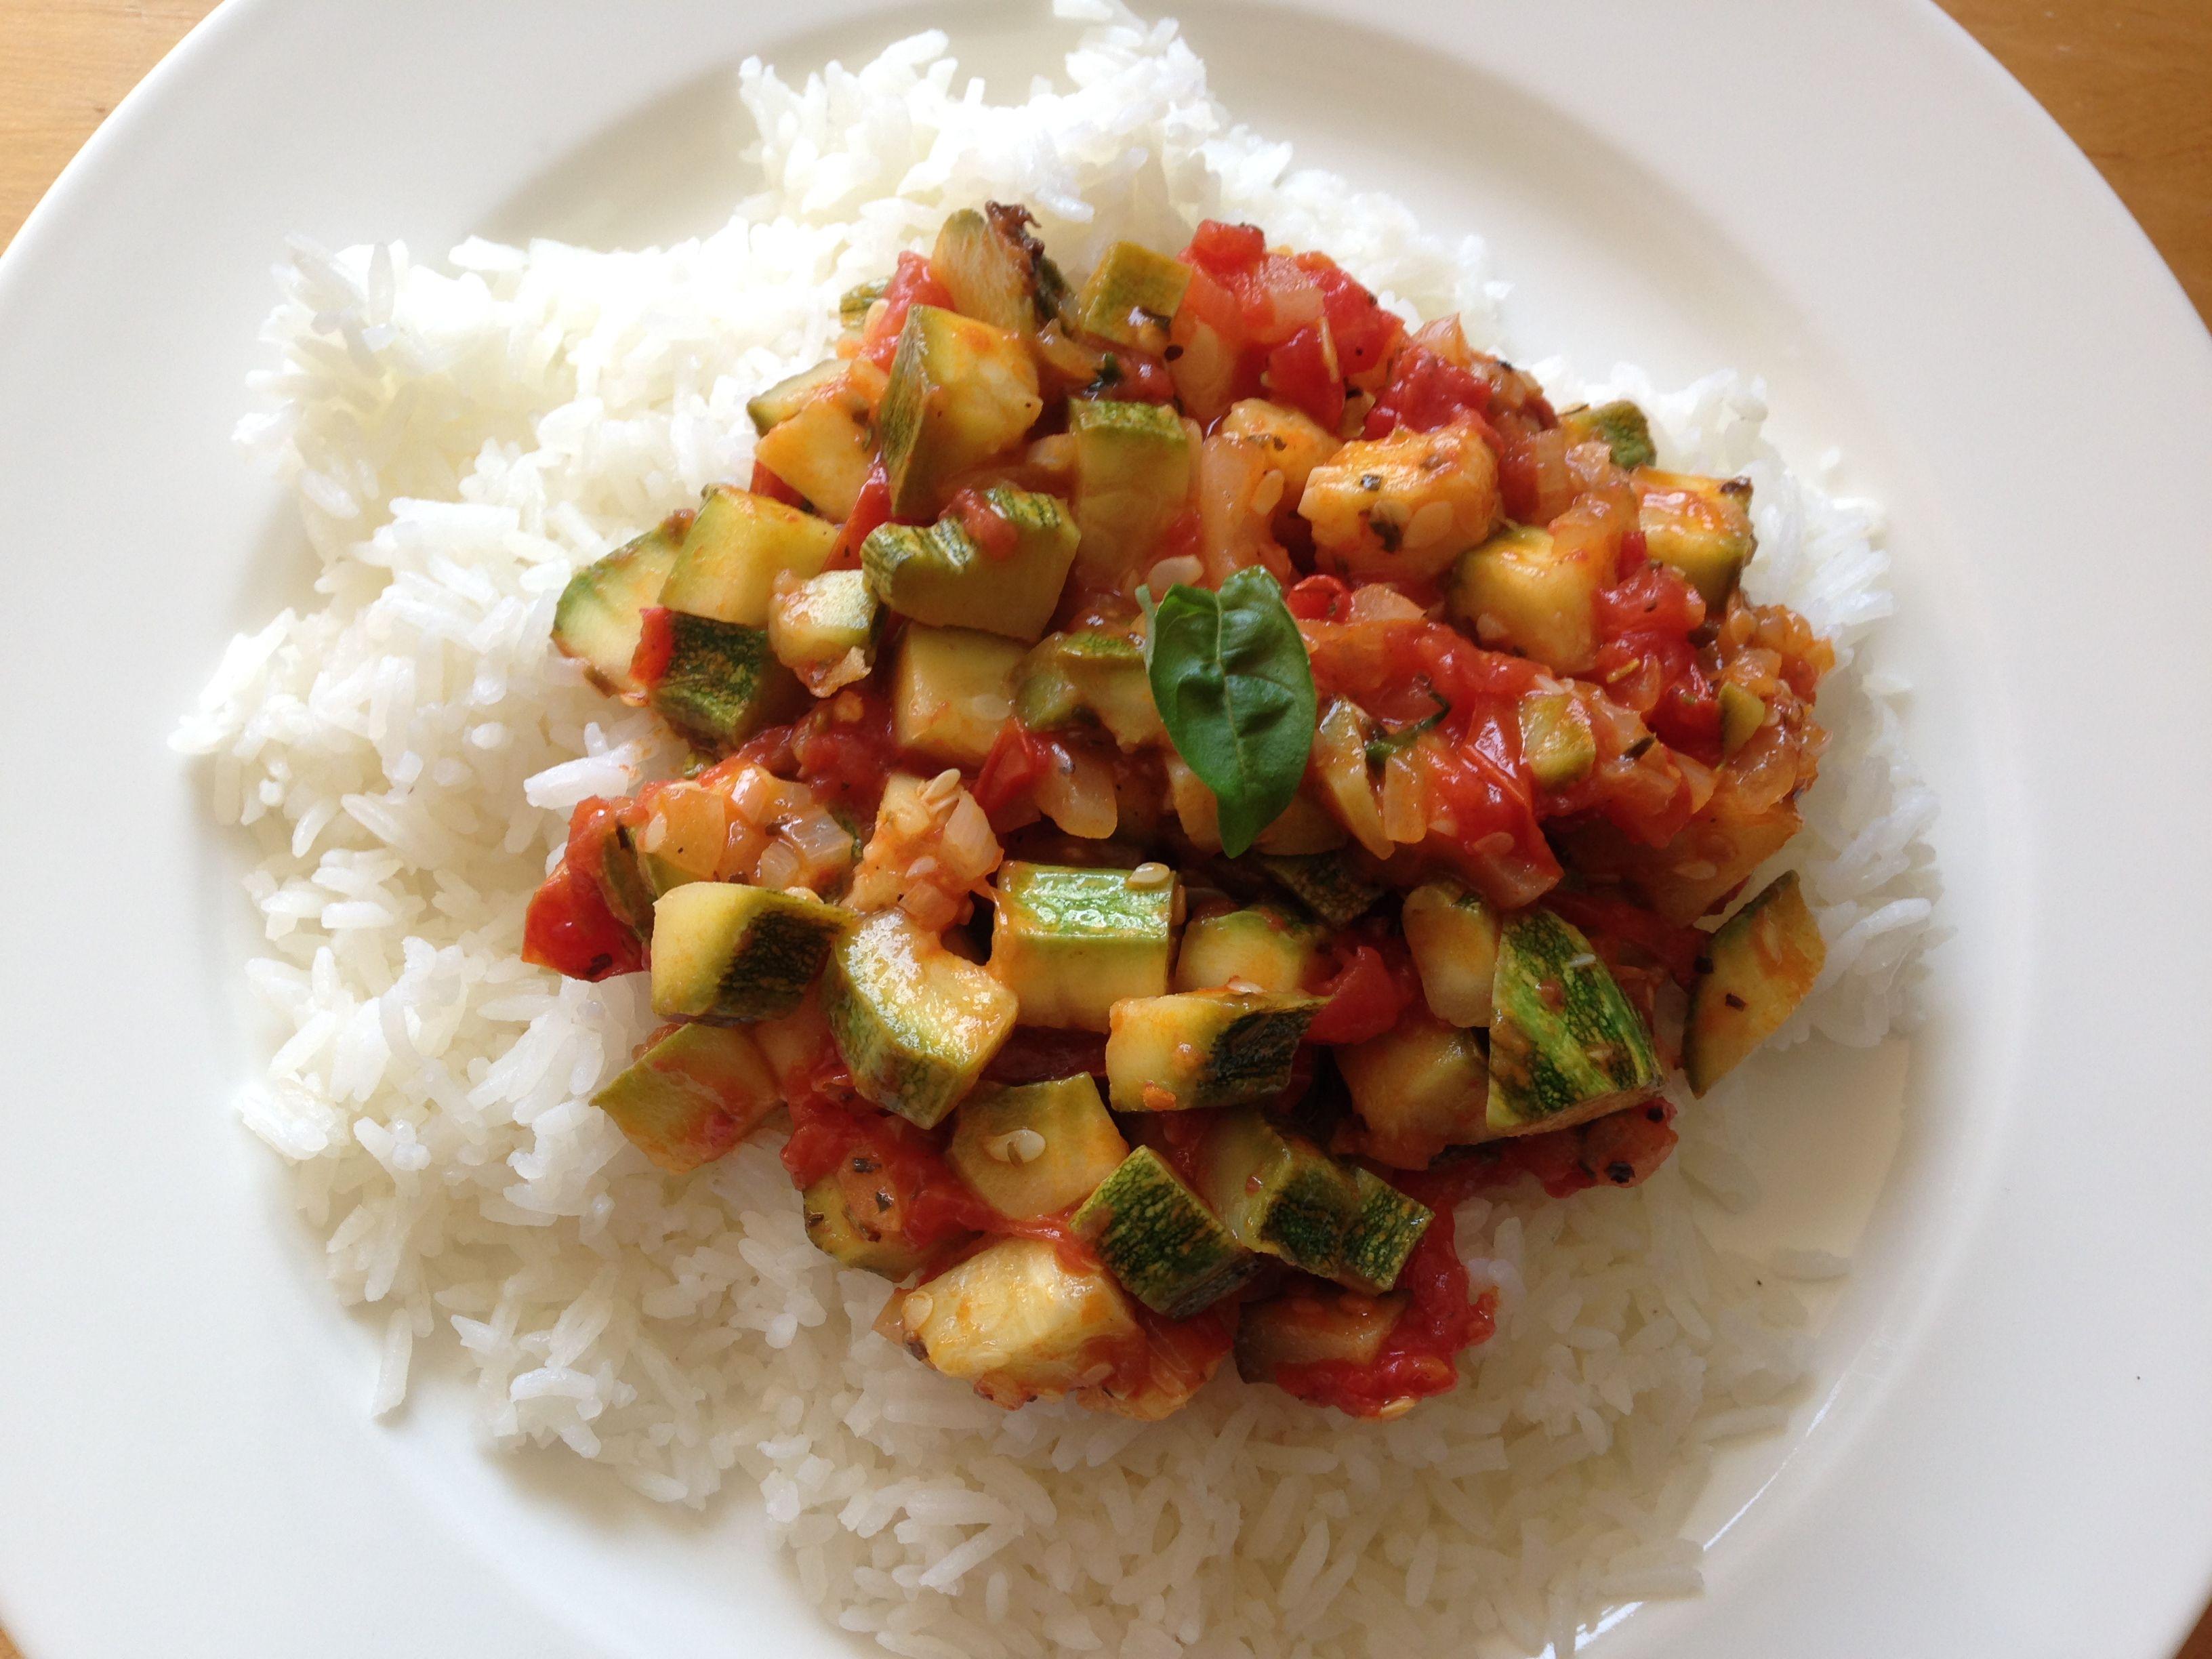 Easy Zucchini-Tomato Side Dish